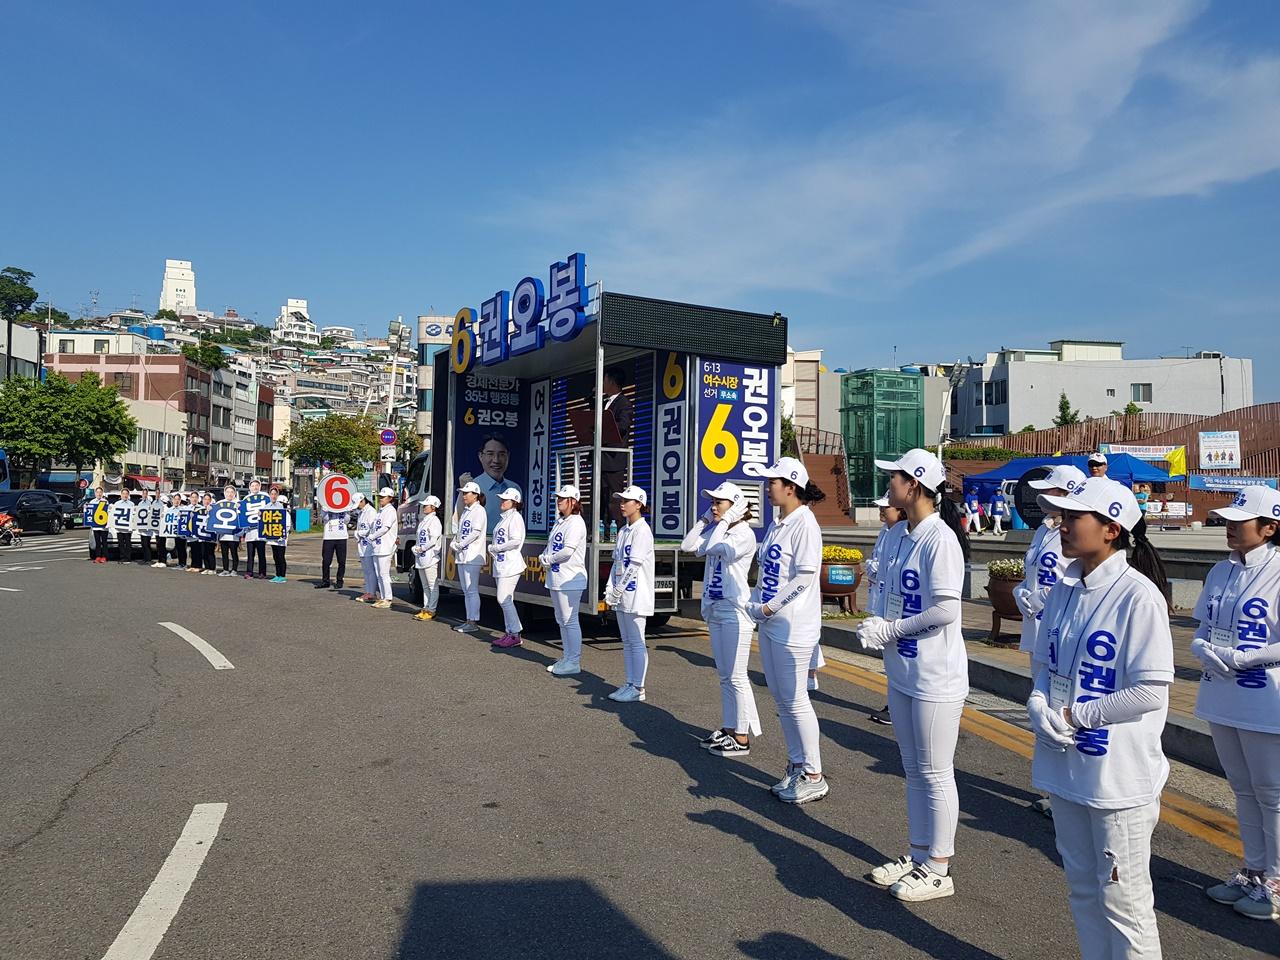 무소속 권오봉 후보 유세단의 유세 모습